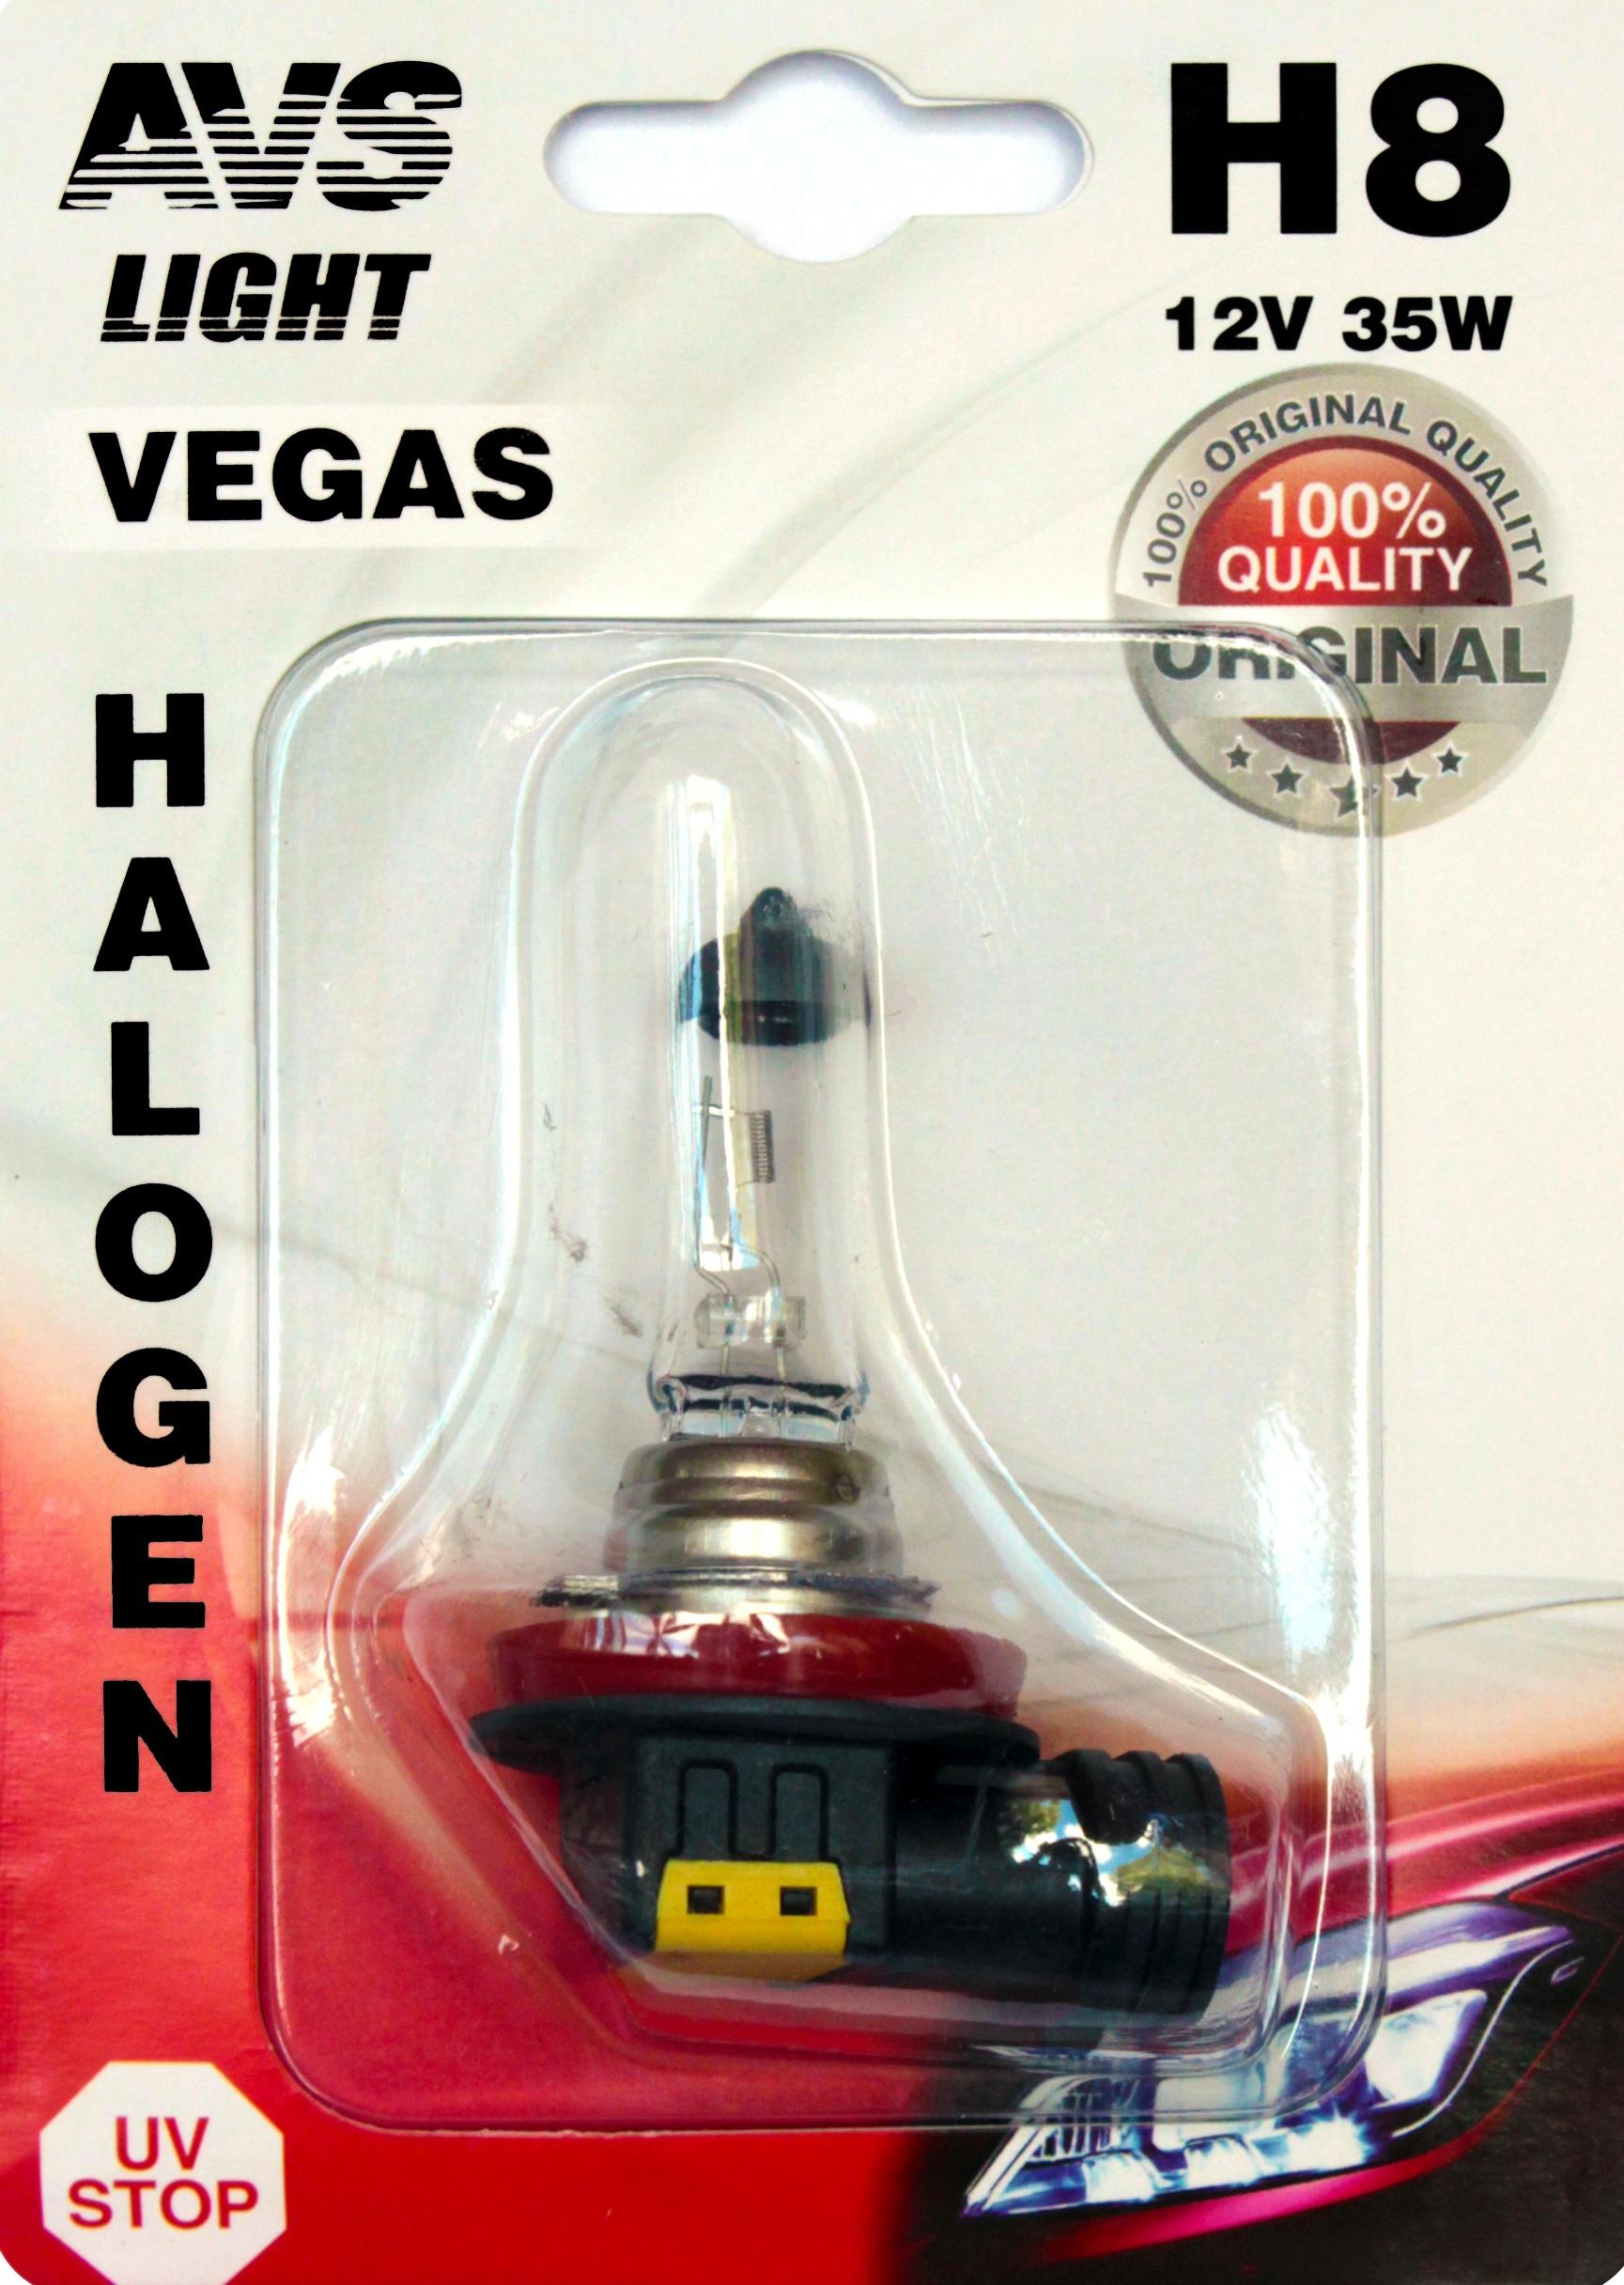 Лампа автомобильная Avs Vegas h8 12v 35w (бл.) лампа novotech gy6 35 35w 12v